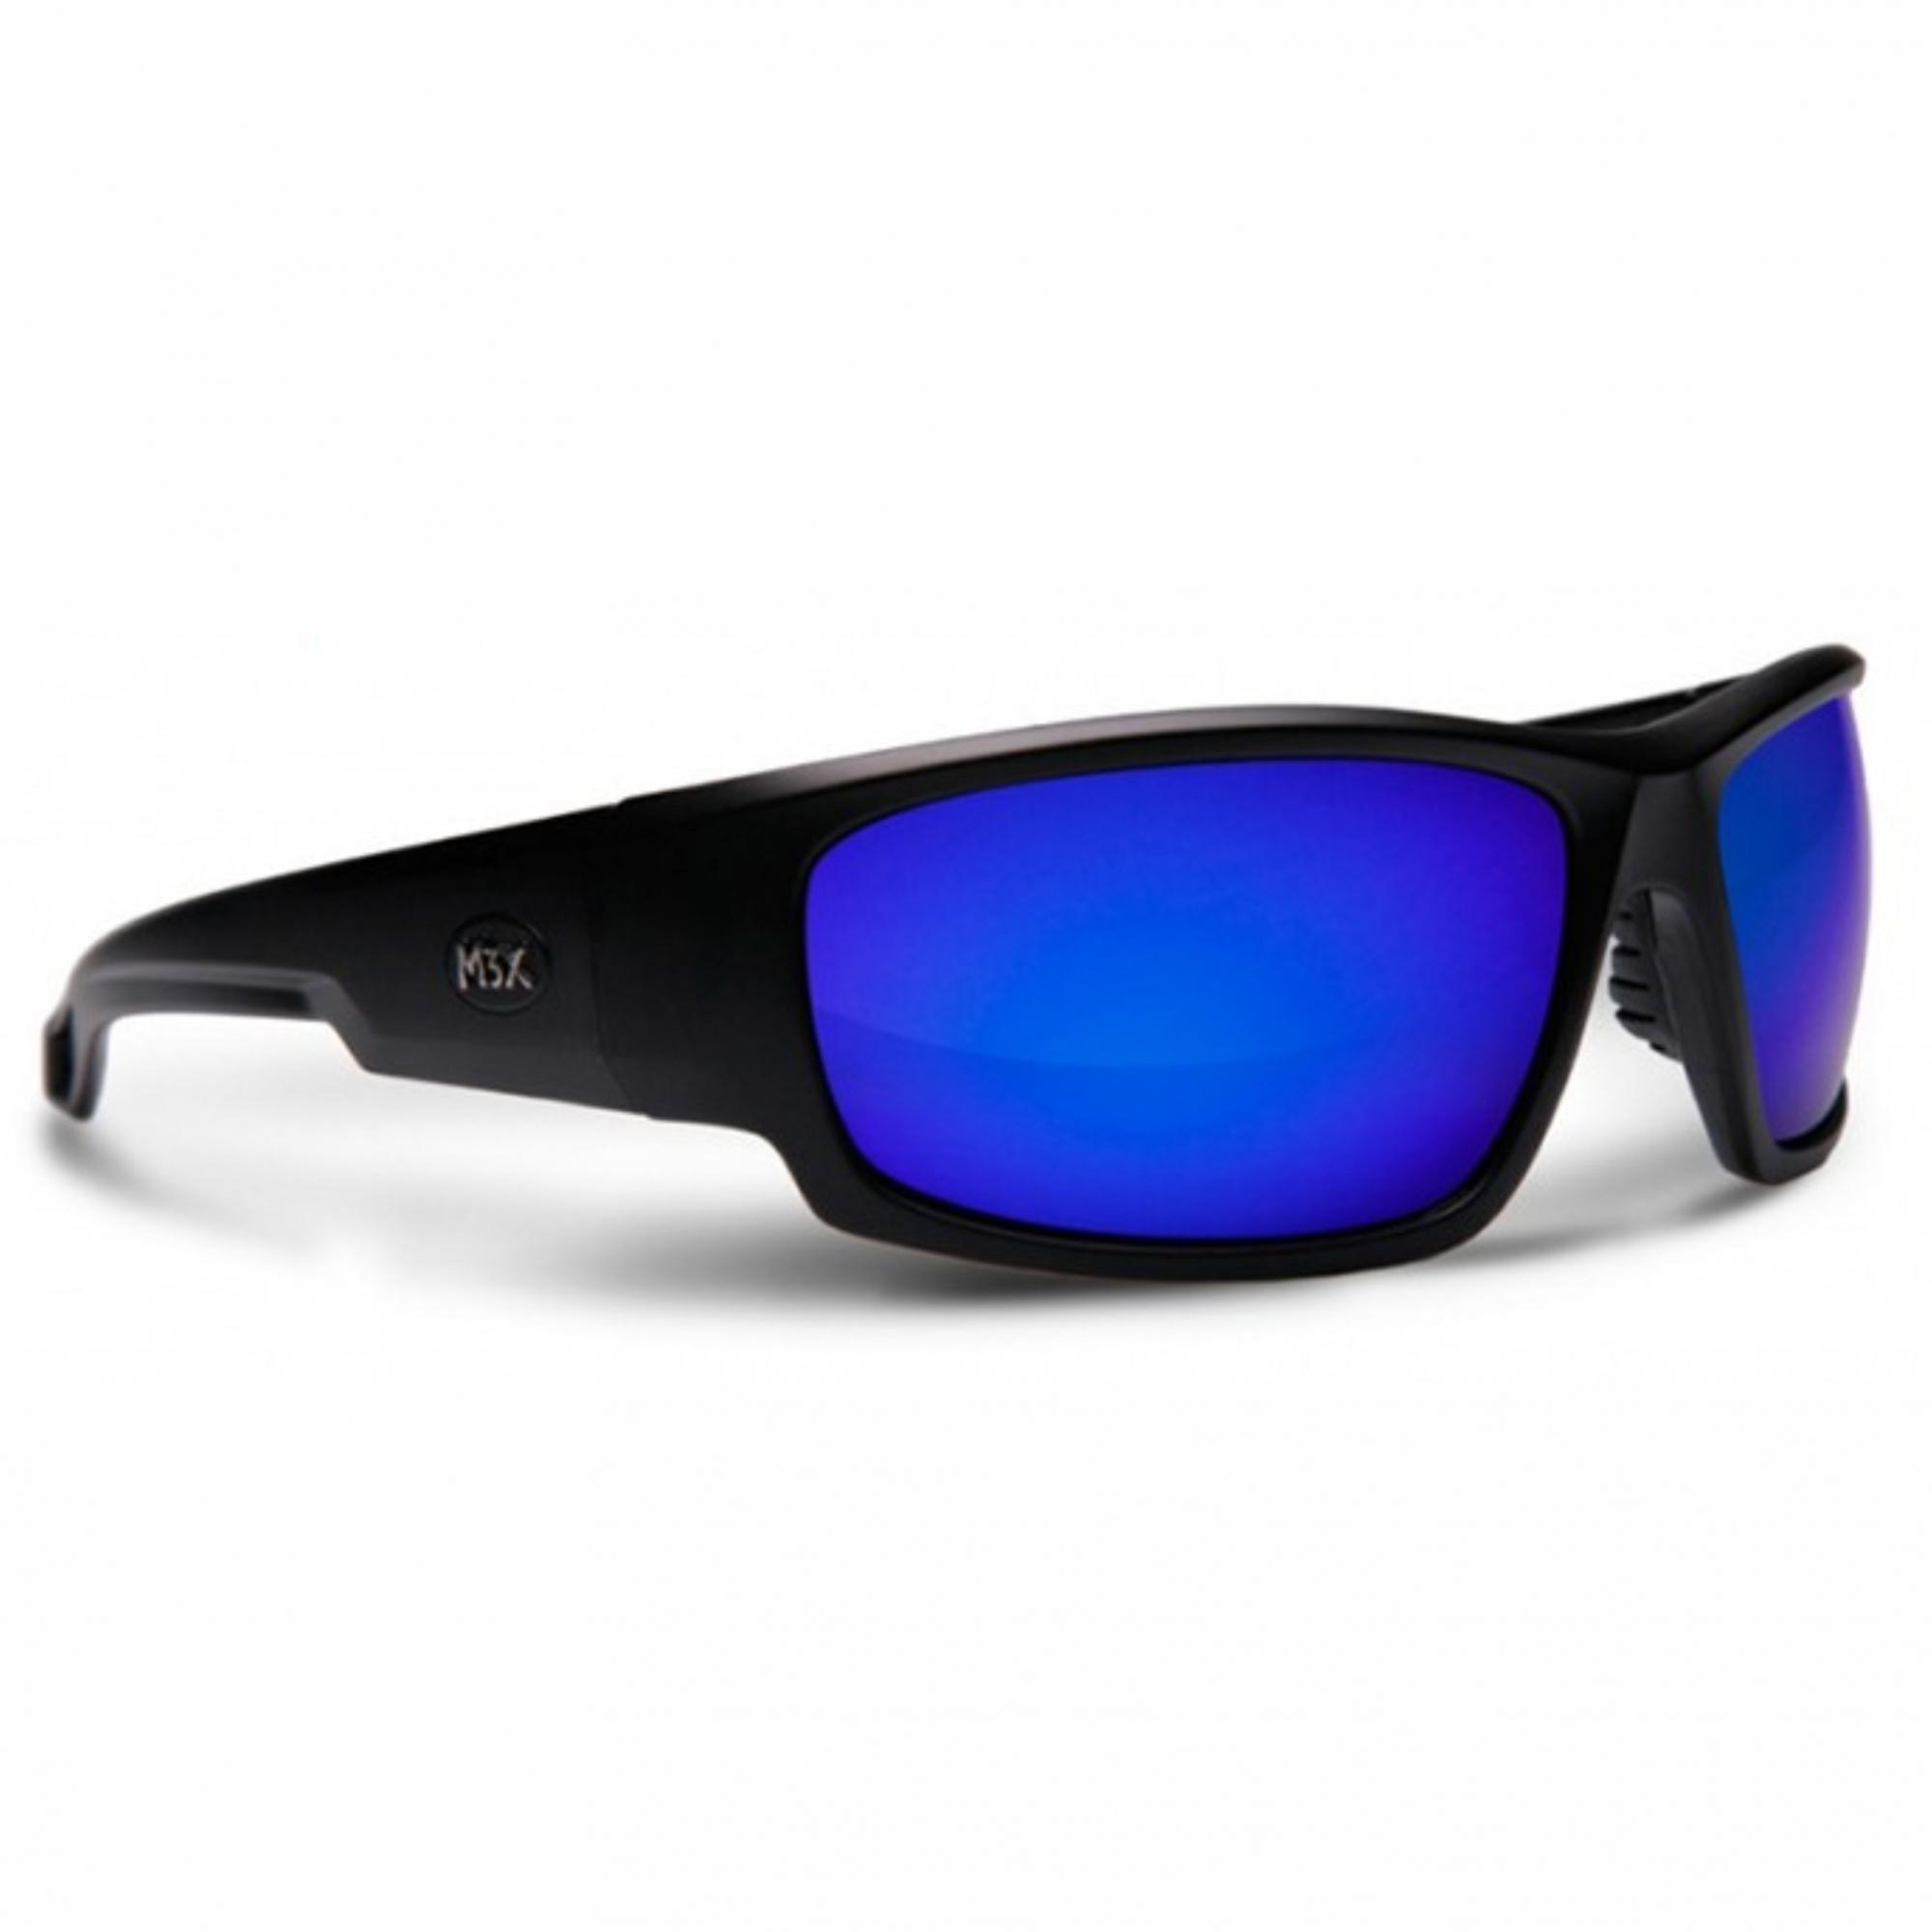 Óculos de Sol Polarizado Monster 3x Black Monster Azul